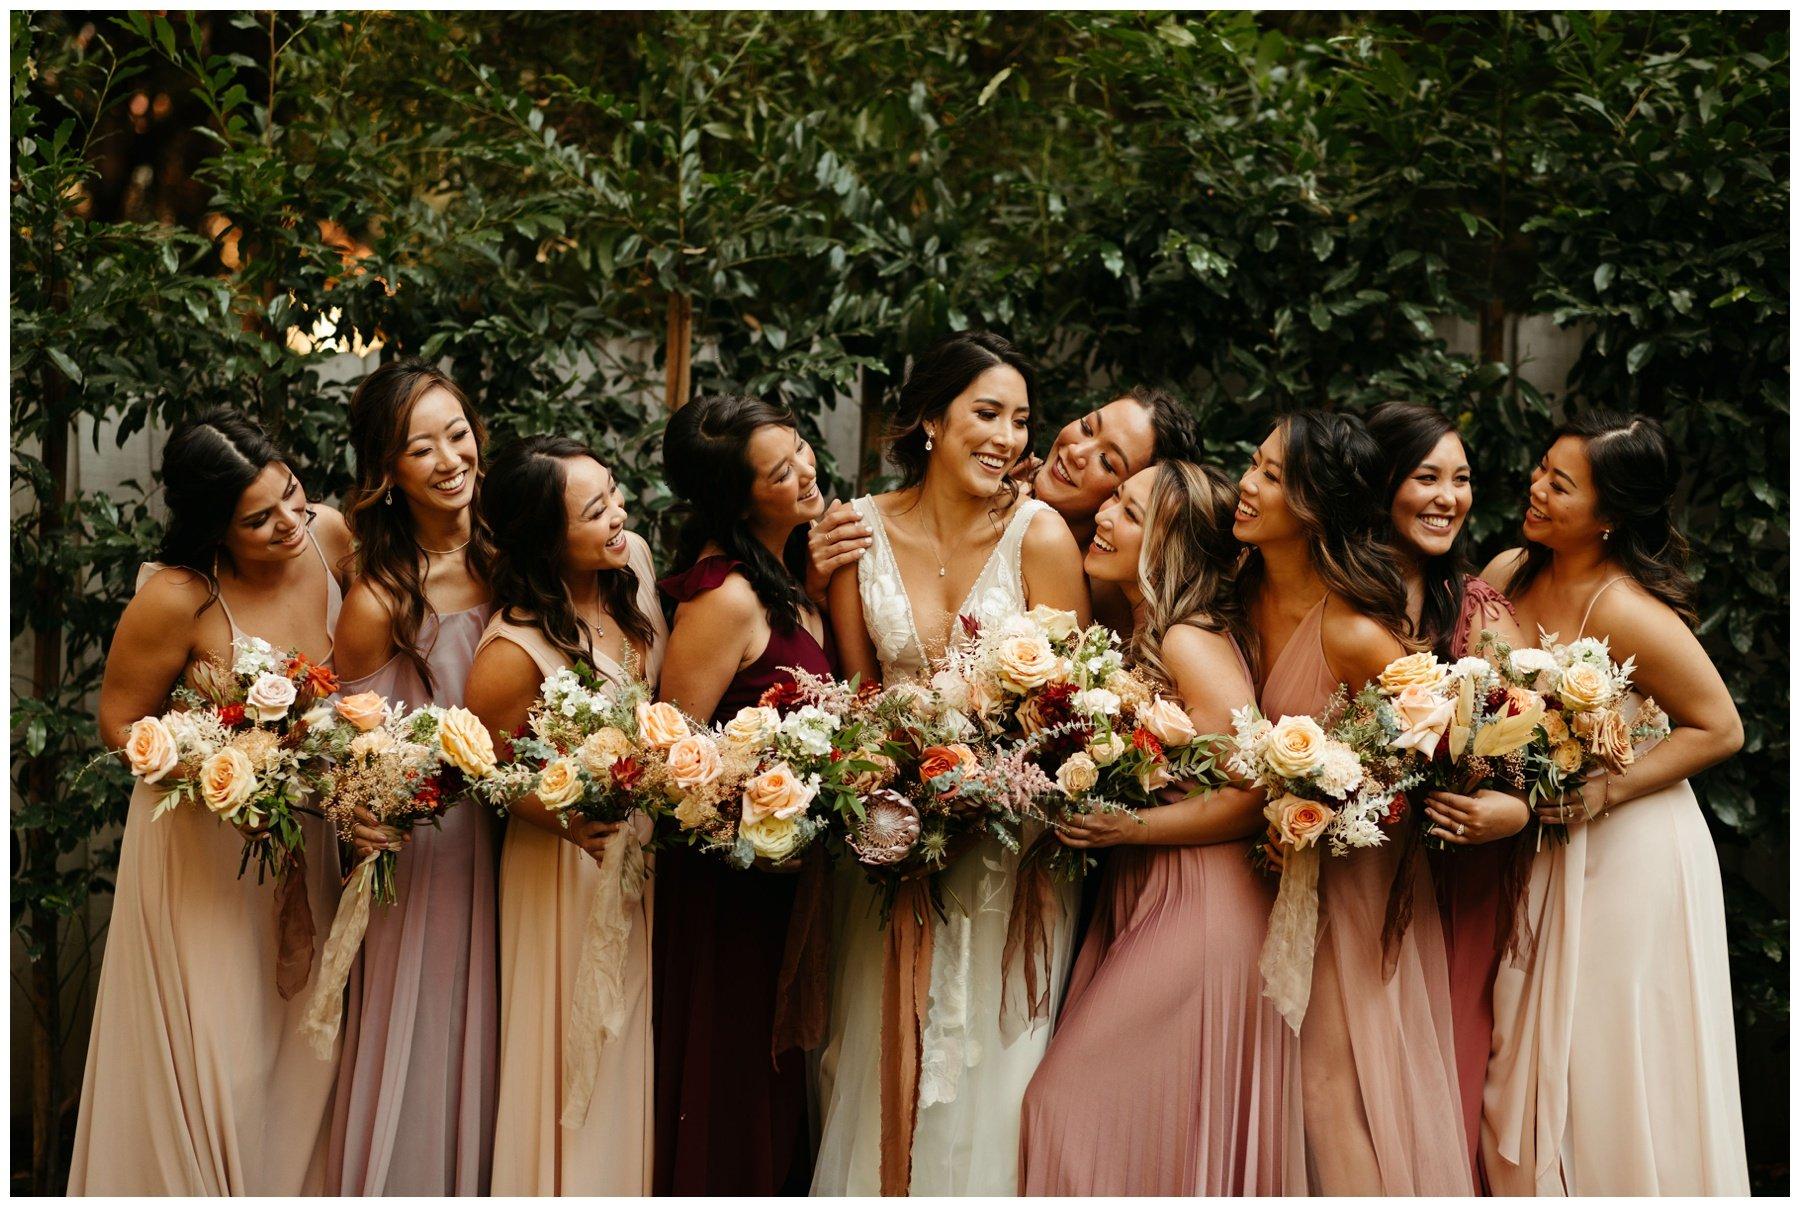 bridemaids photos, socal wedding florist